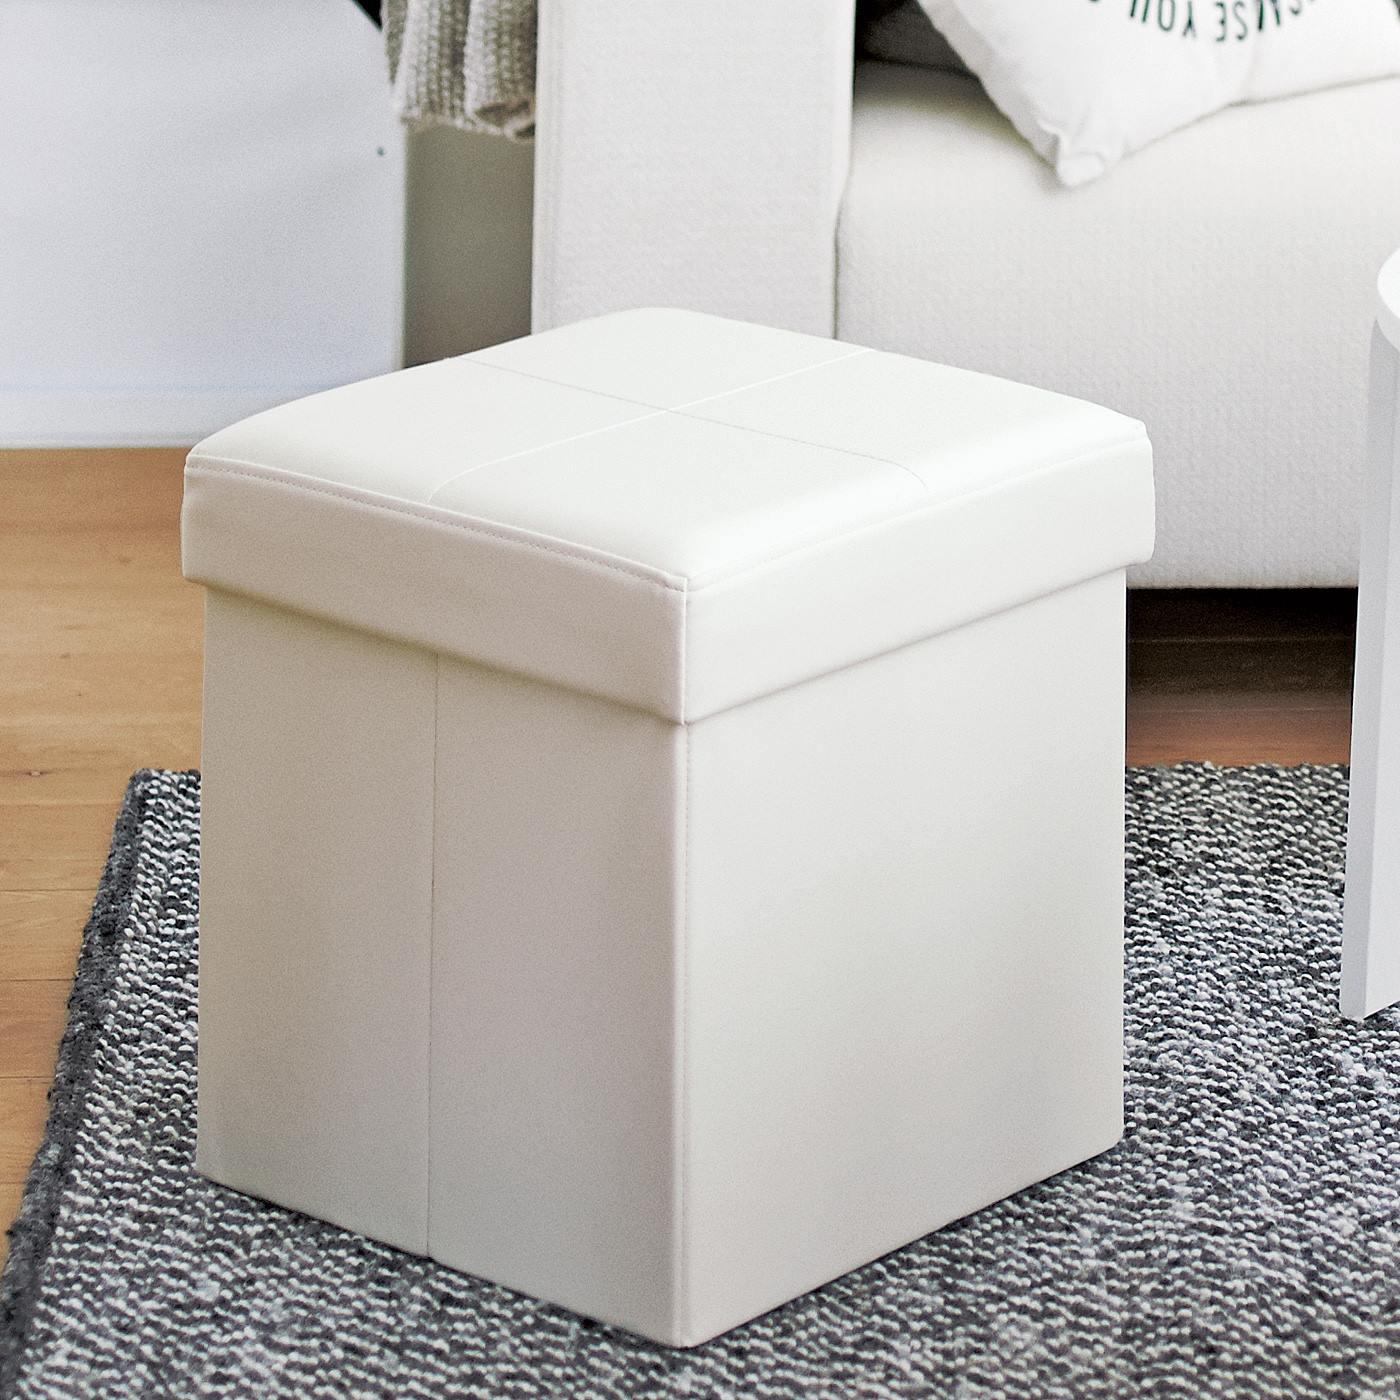 フェリシモ オットマンのような折りたたみスツールボックス〈ホワイト〉